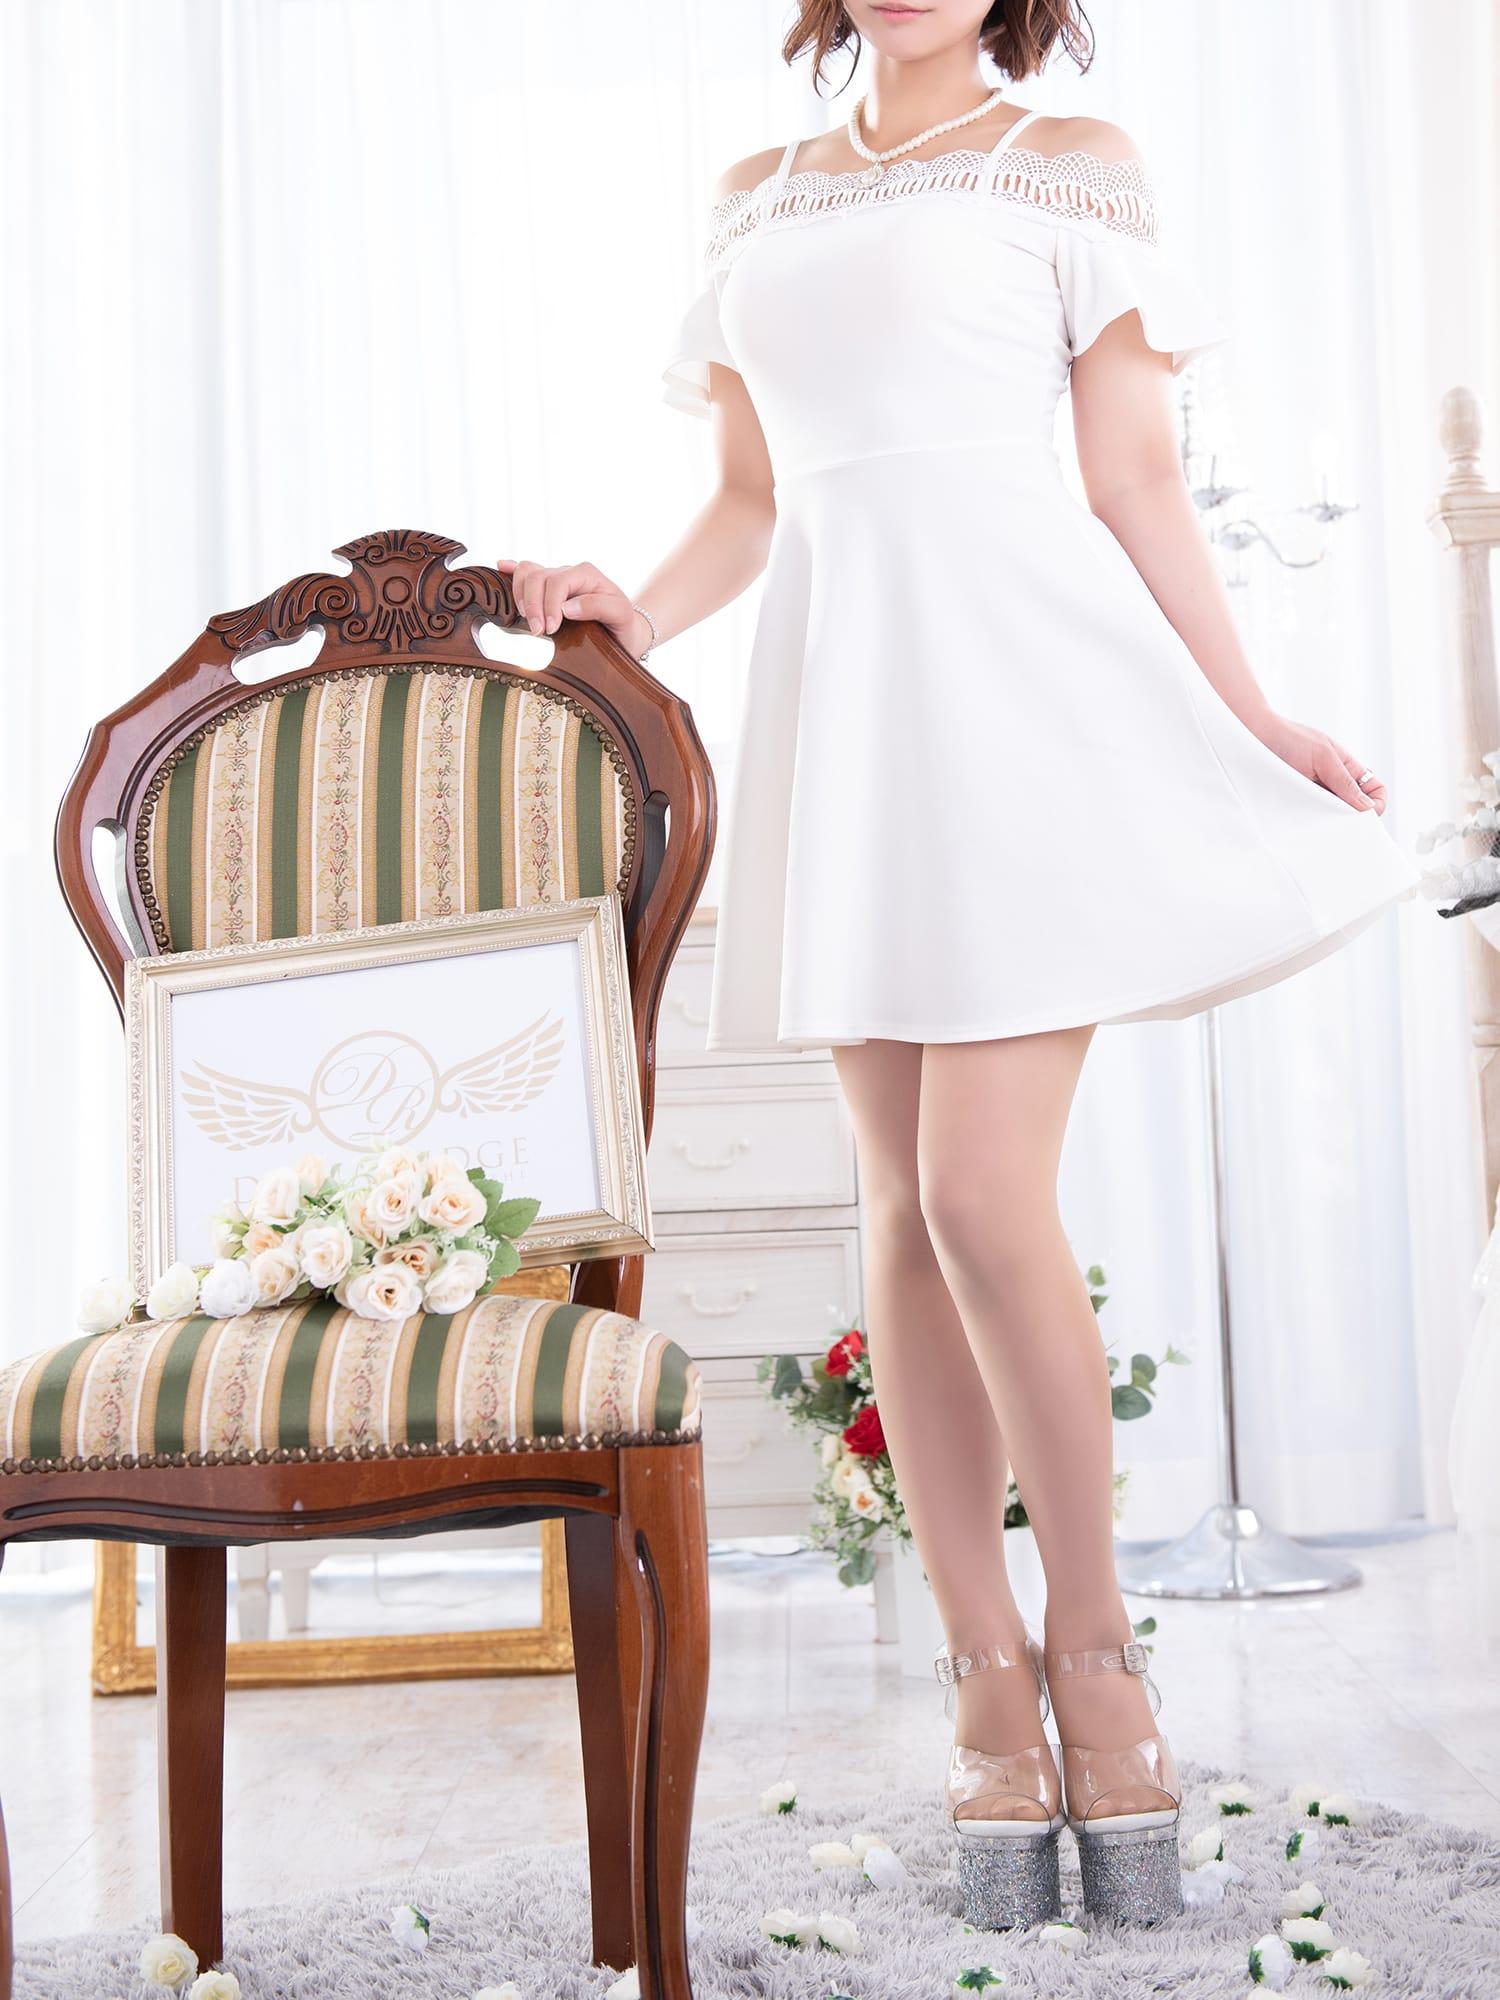 夏美(なつみ)-DIANA | DIANA RIDGE~ダイアナ・リッジ